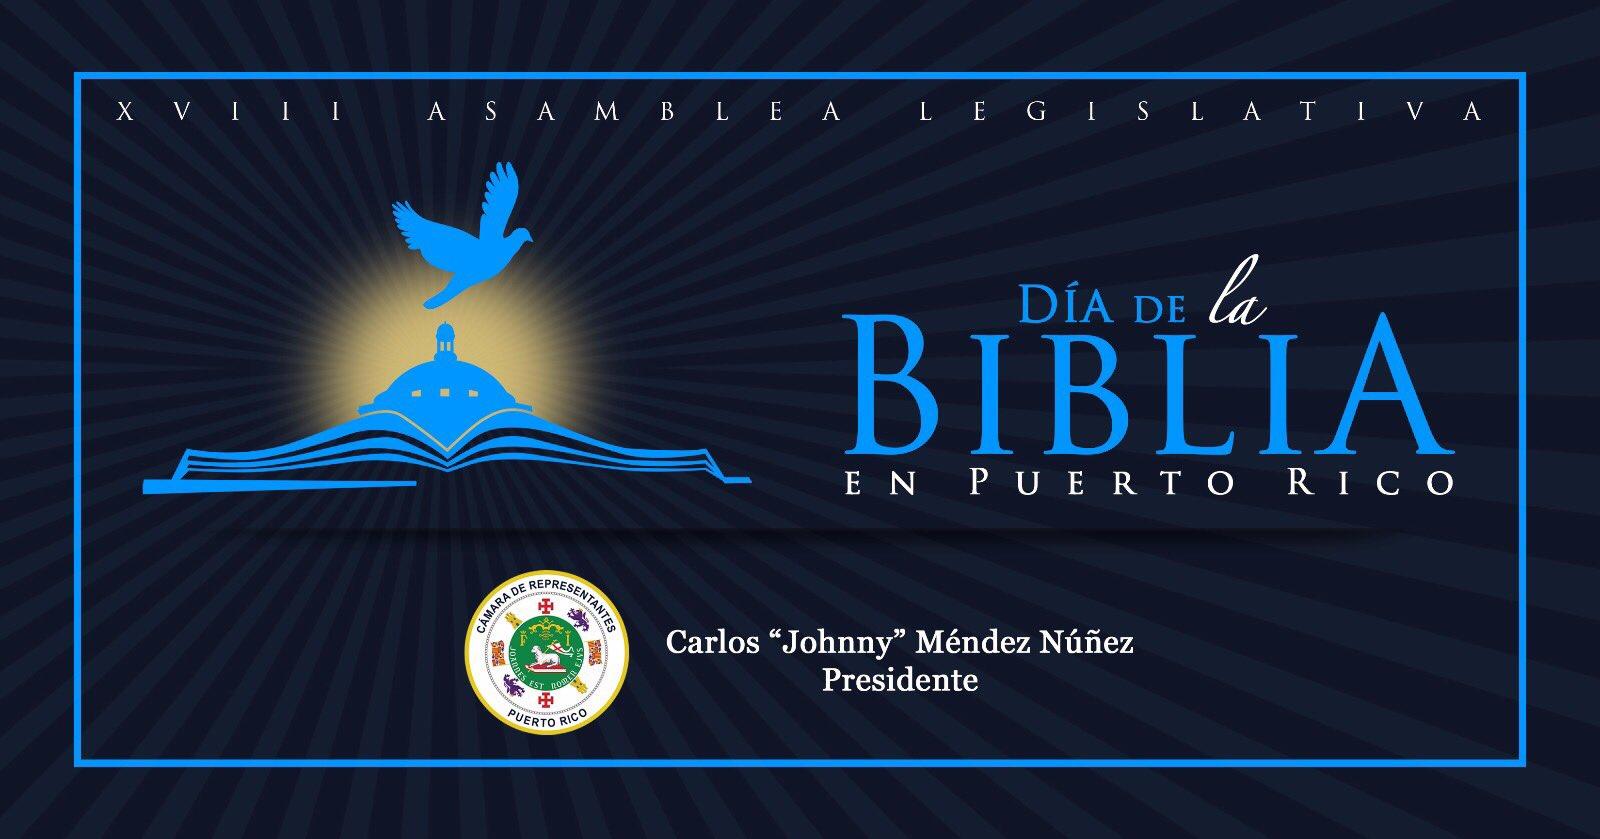 Acusan a presidente cameral de violar separación de iglesia -estado